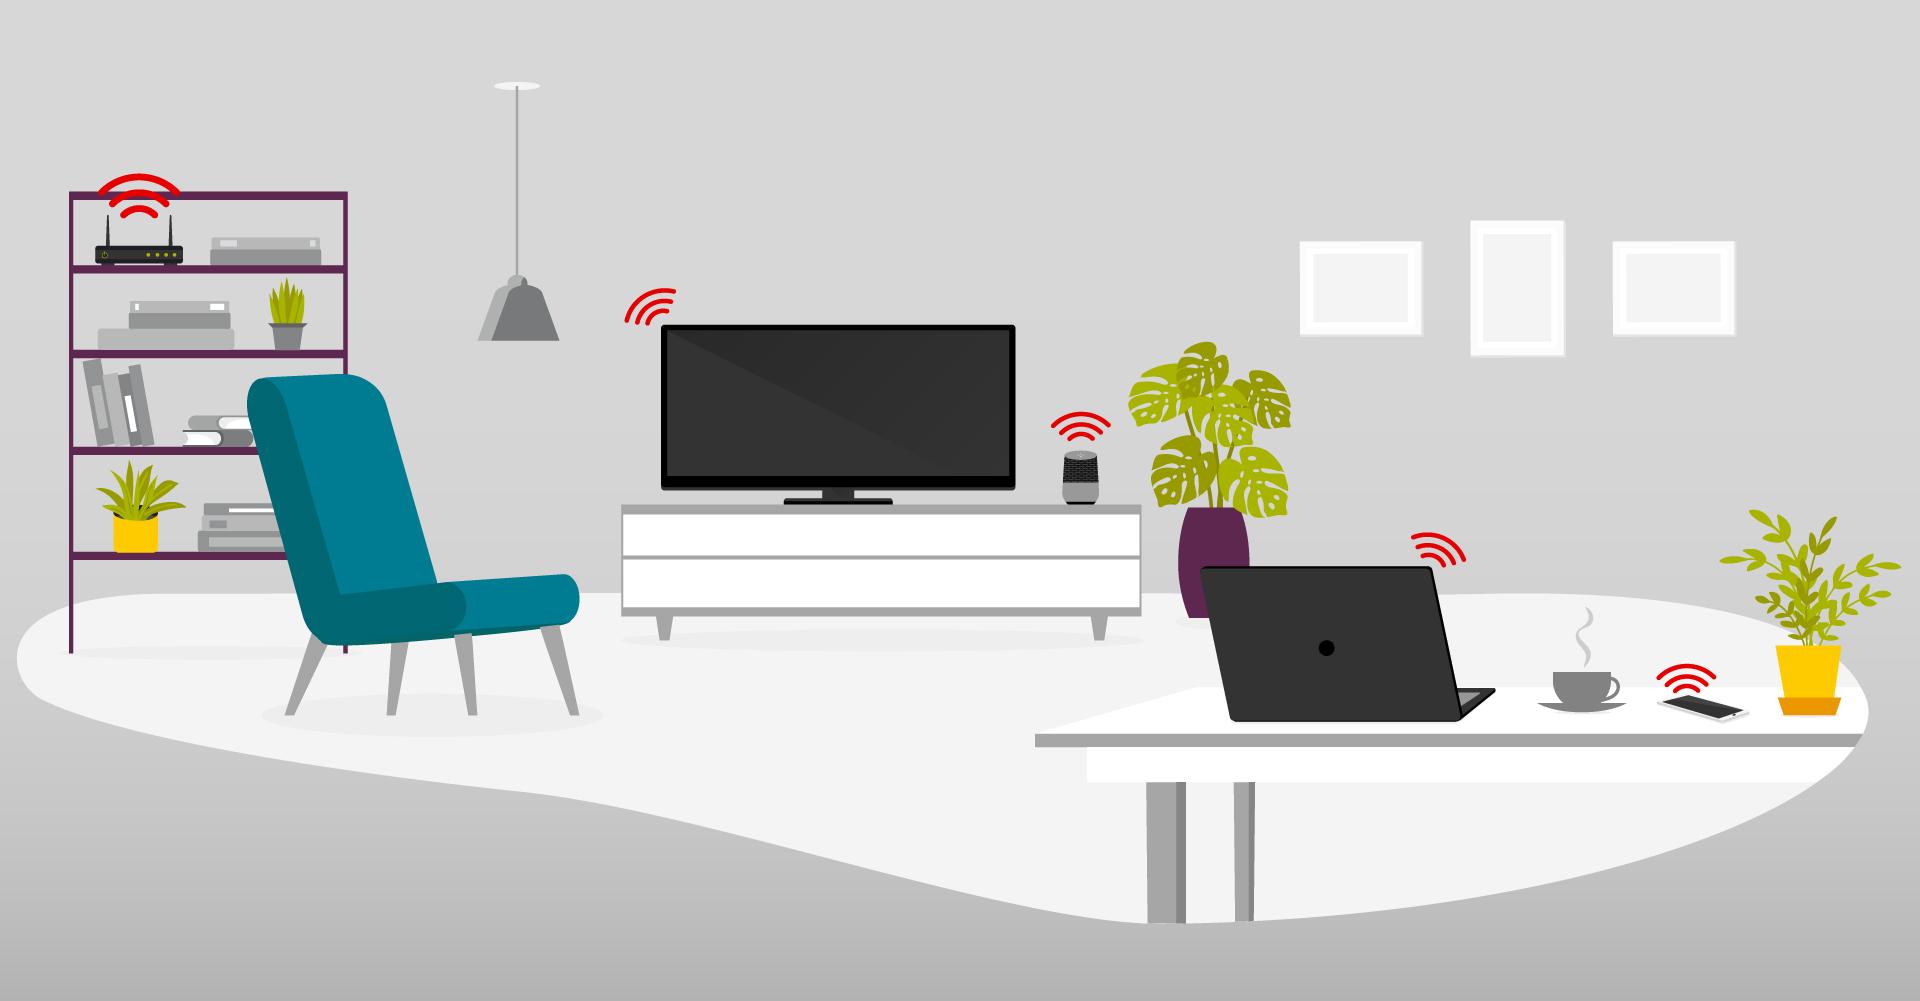 Illustration eines Wohnzimmers mit verschiedenen Geräten im WLAN